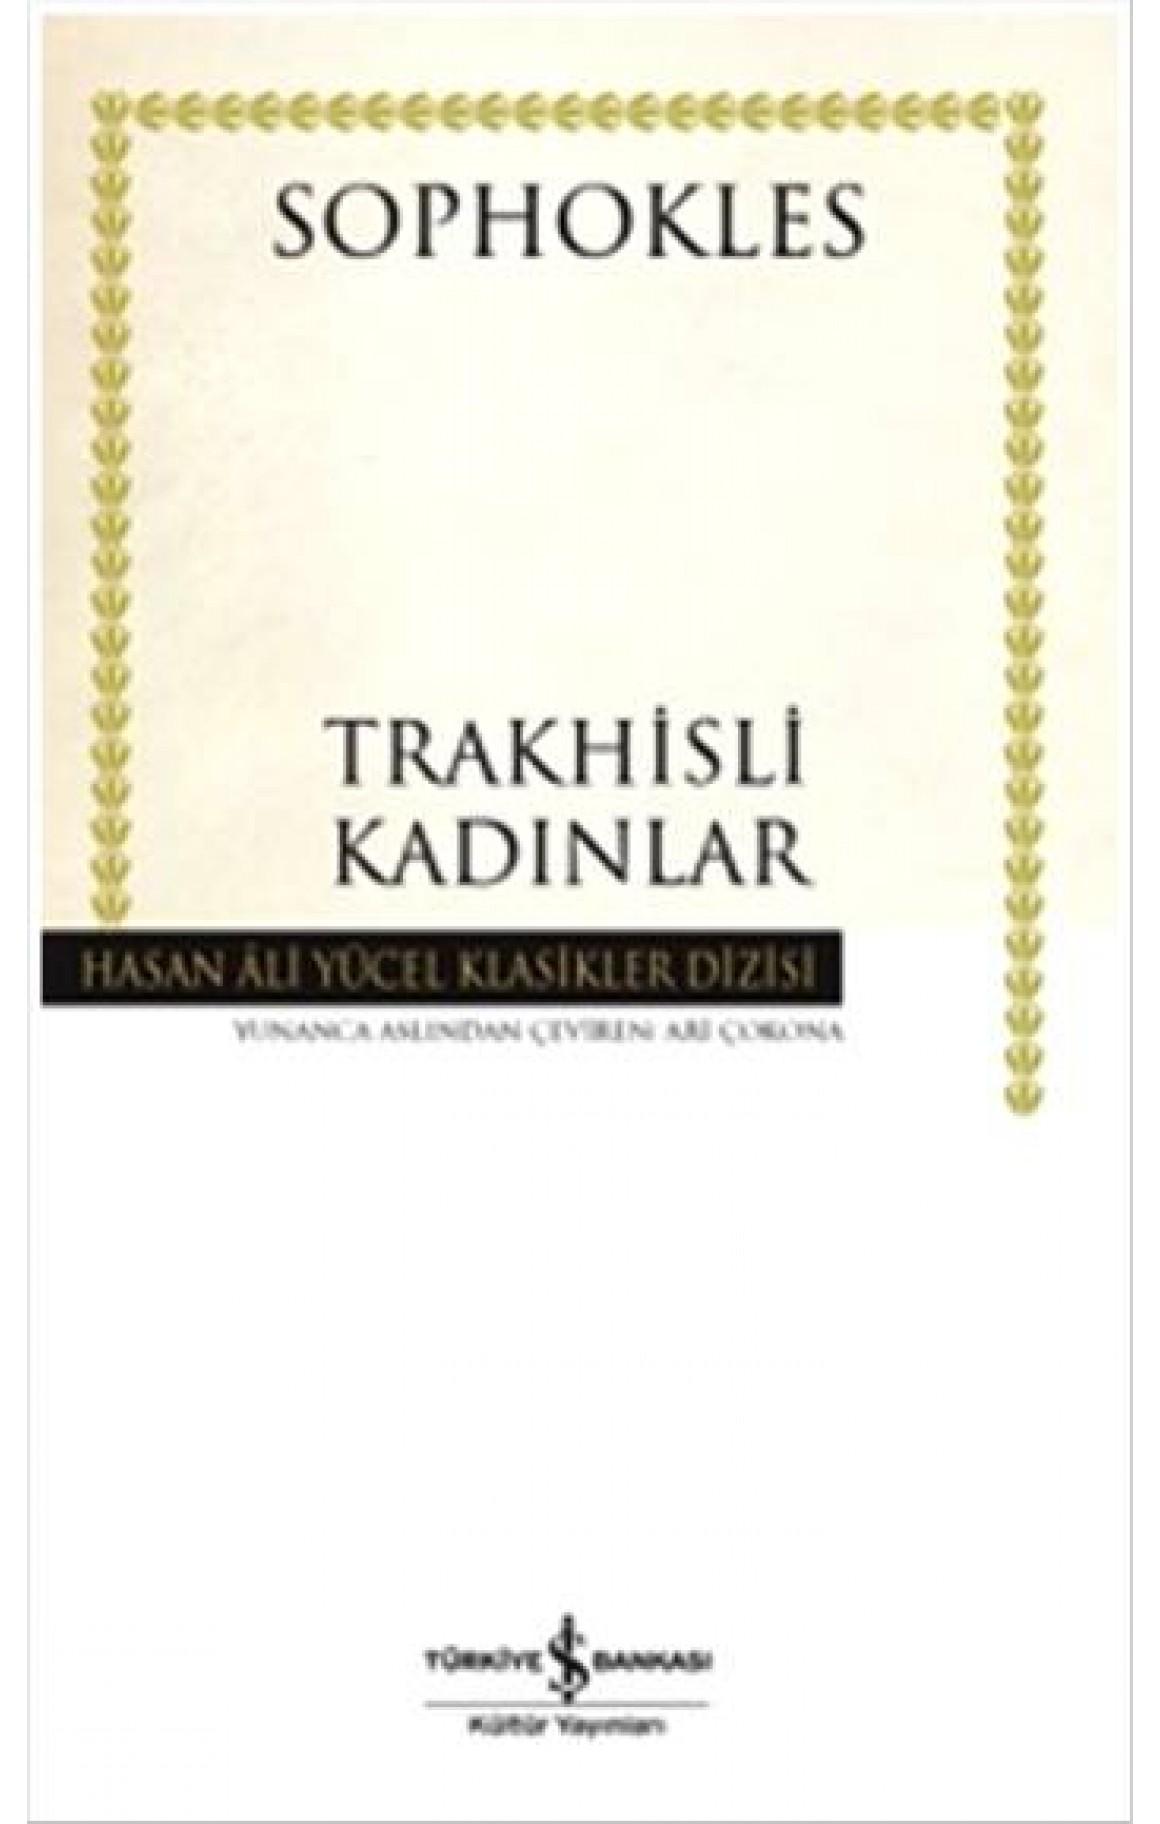 Trakhisli Kadınlar - Ciltli Kitap